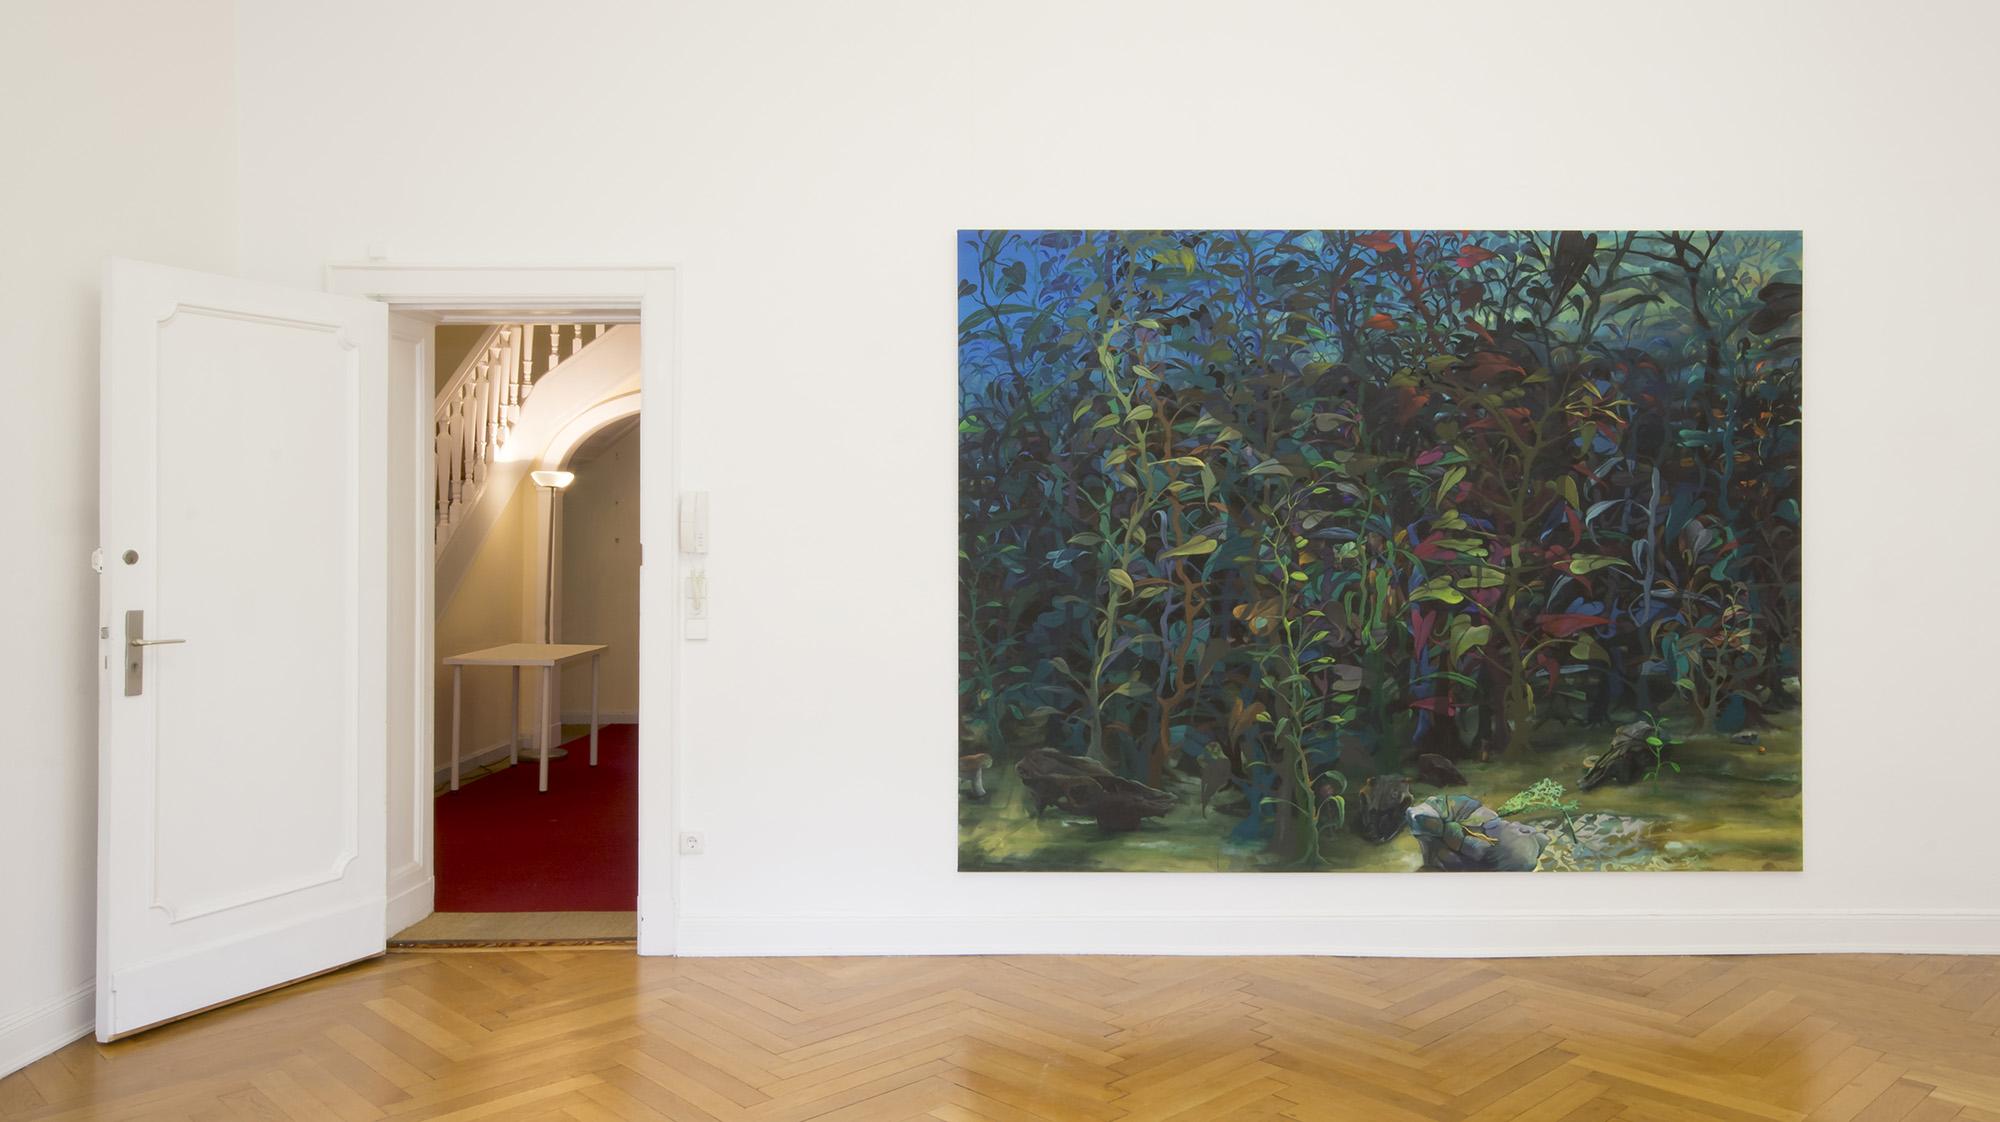 Arno Bojak - Raumfoto der Ausstellung